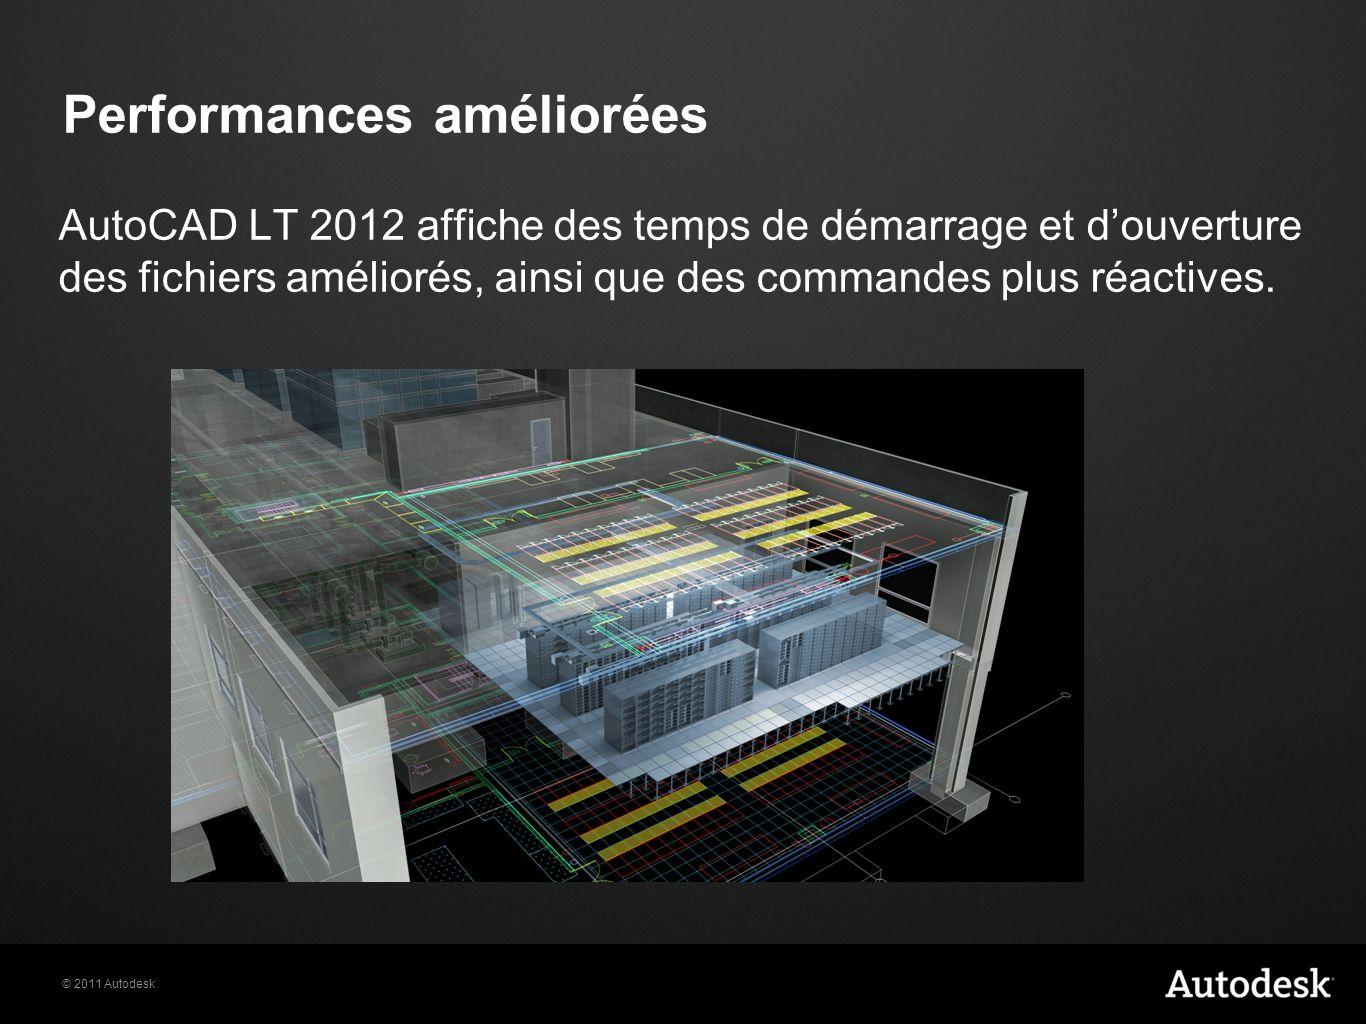 © 2011 Autodesk Performances améliorées AutoCAD LT 2012 affiche des temps de démarrage et douverture des fichiers améliorés, ainsi que des commandes plus réactives.